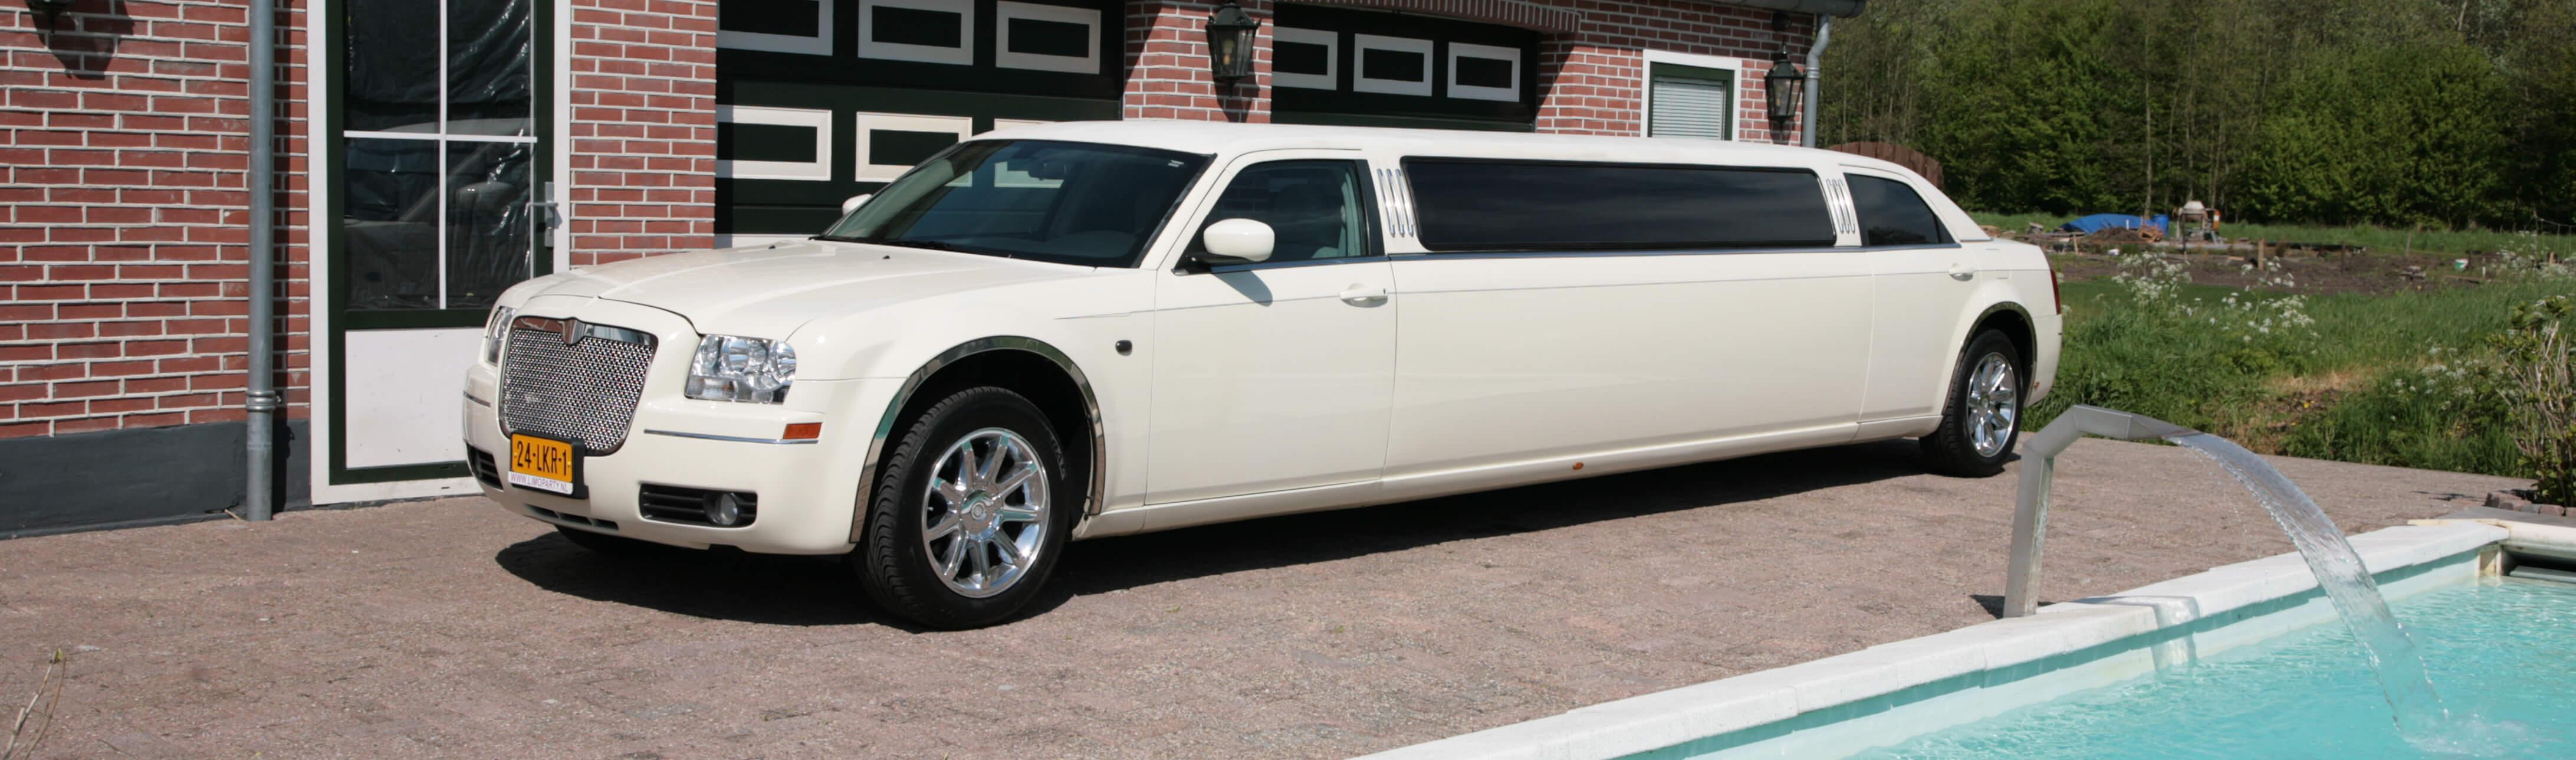 Limousine verhuur Utrecht limo te huur Chrysler 300c limoparty.nl Prijzen Limo party Utrecht, uw limousine verhuur